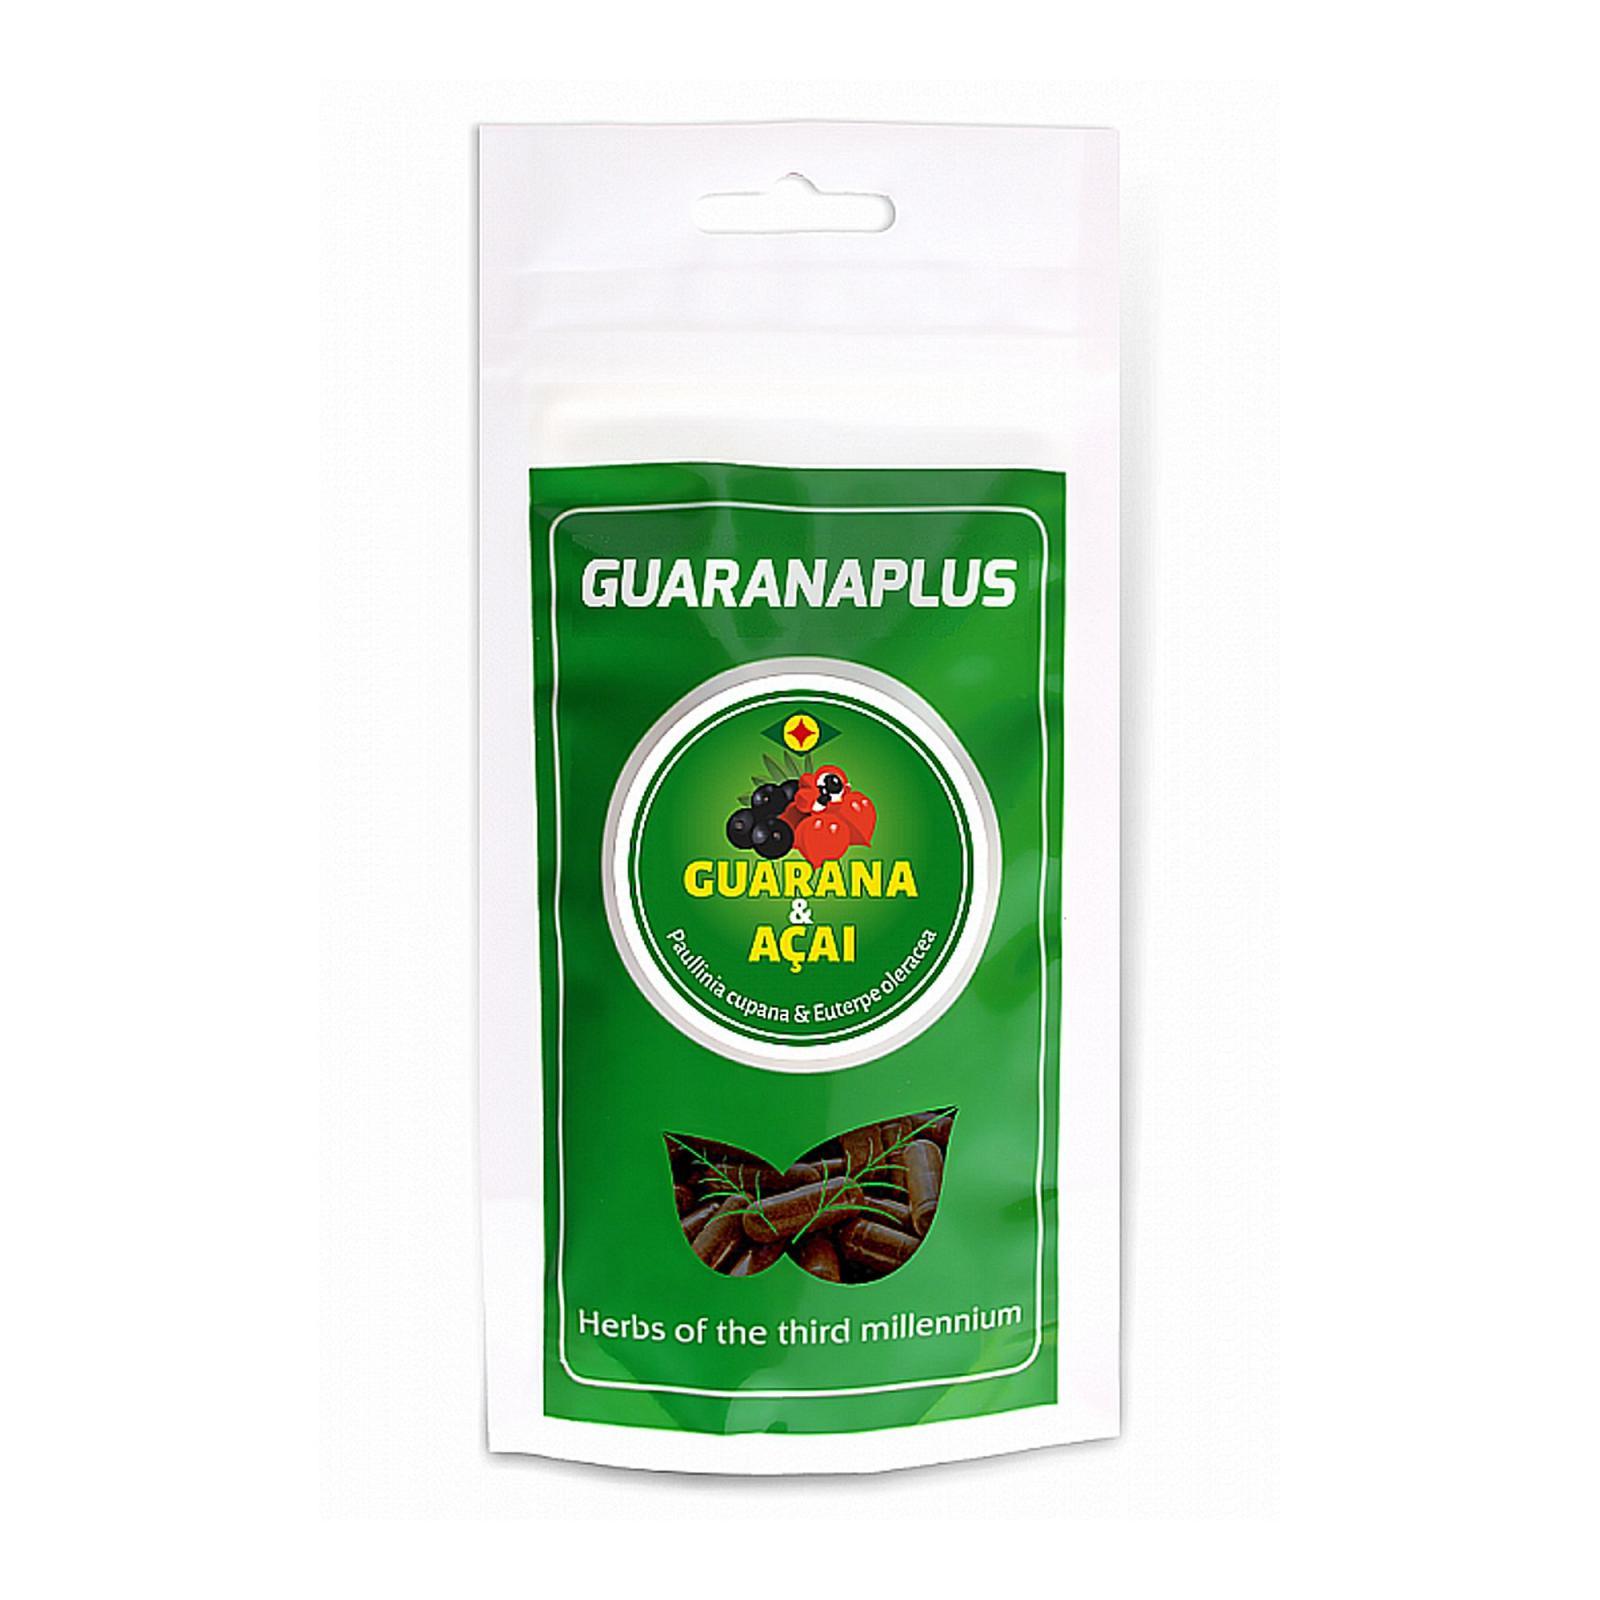 Guaranaplus Guarana + Acai, kapsle 100 ks